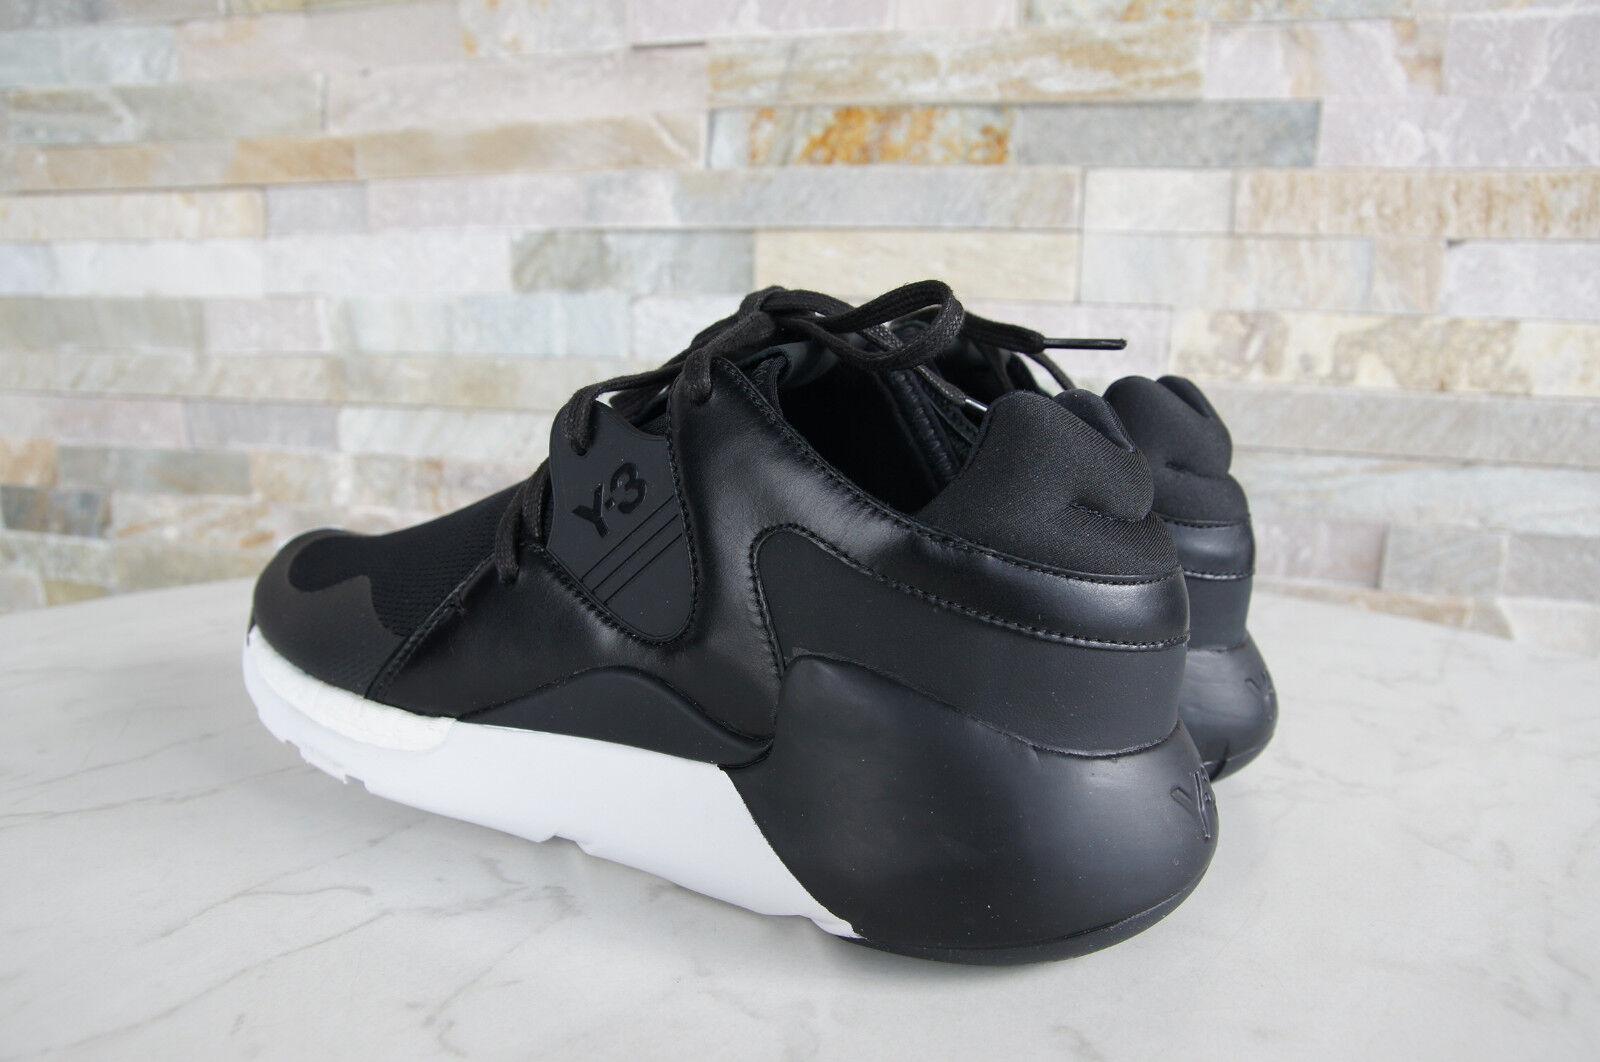 Y3 Y-3 Adidas Yamamoto Grand 44 Royaume-Uni 10 10 Royaume-Uni Baskets Bottes Qr Courir Noir fa465a